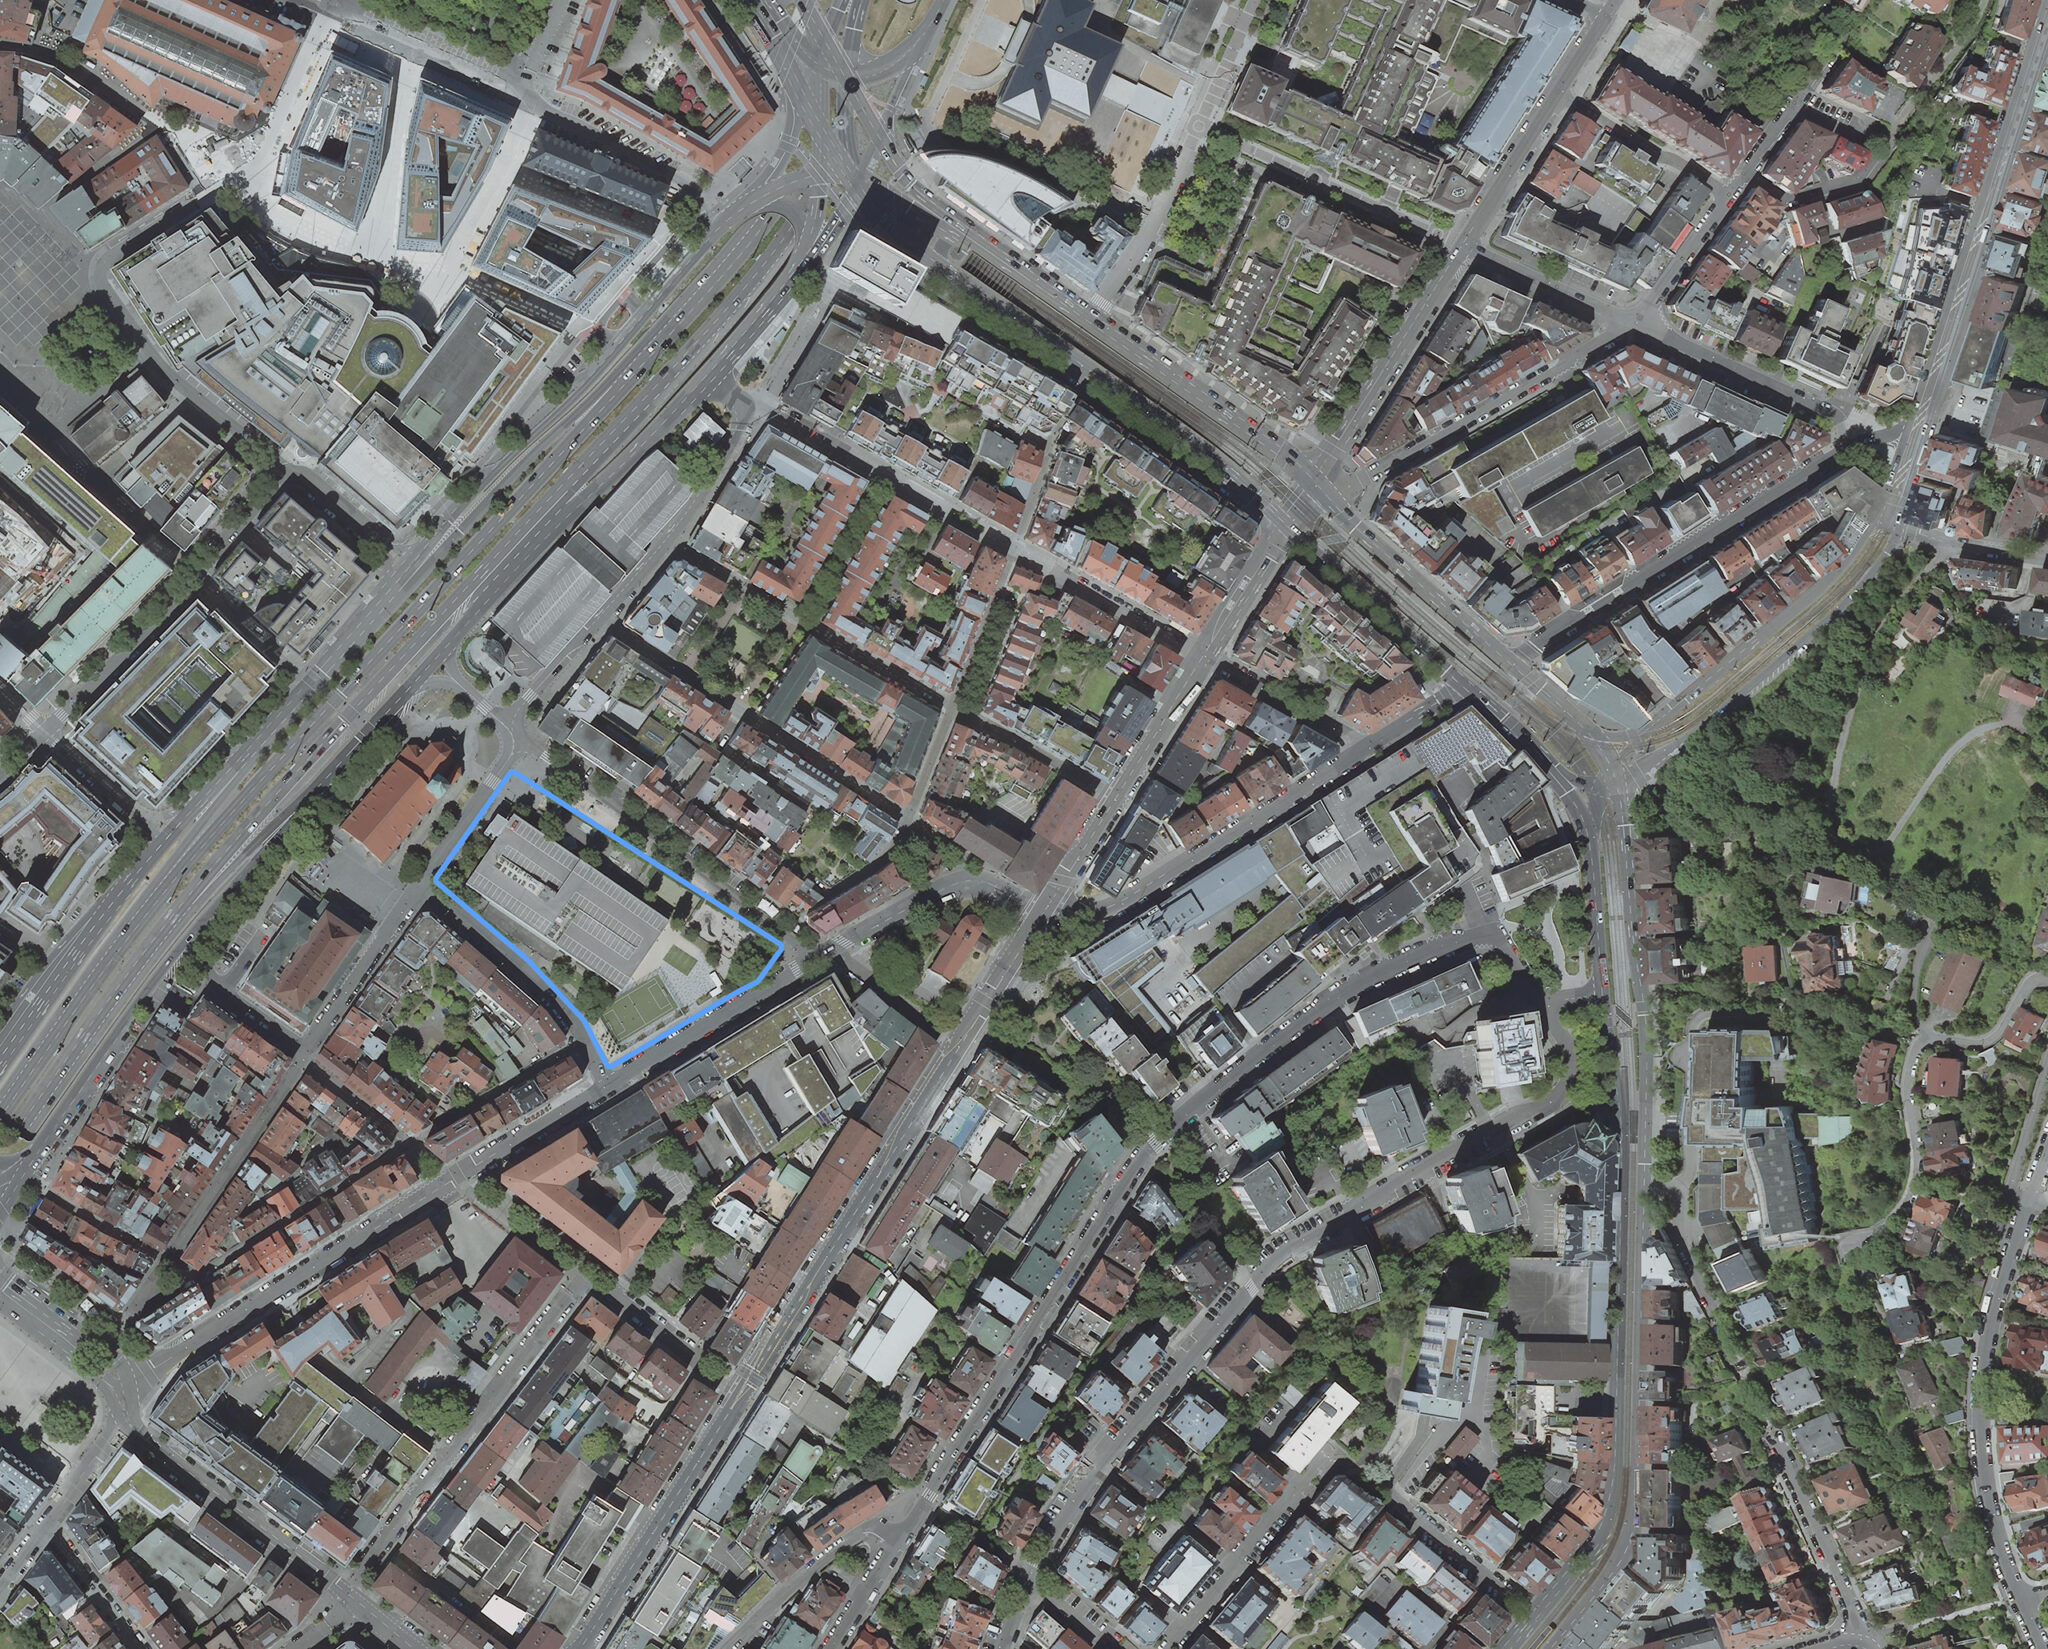 Luftbild des Projektgeländes. Bild: Geobasisdaten LGL, www.lgl-bw.de